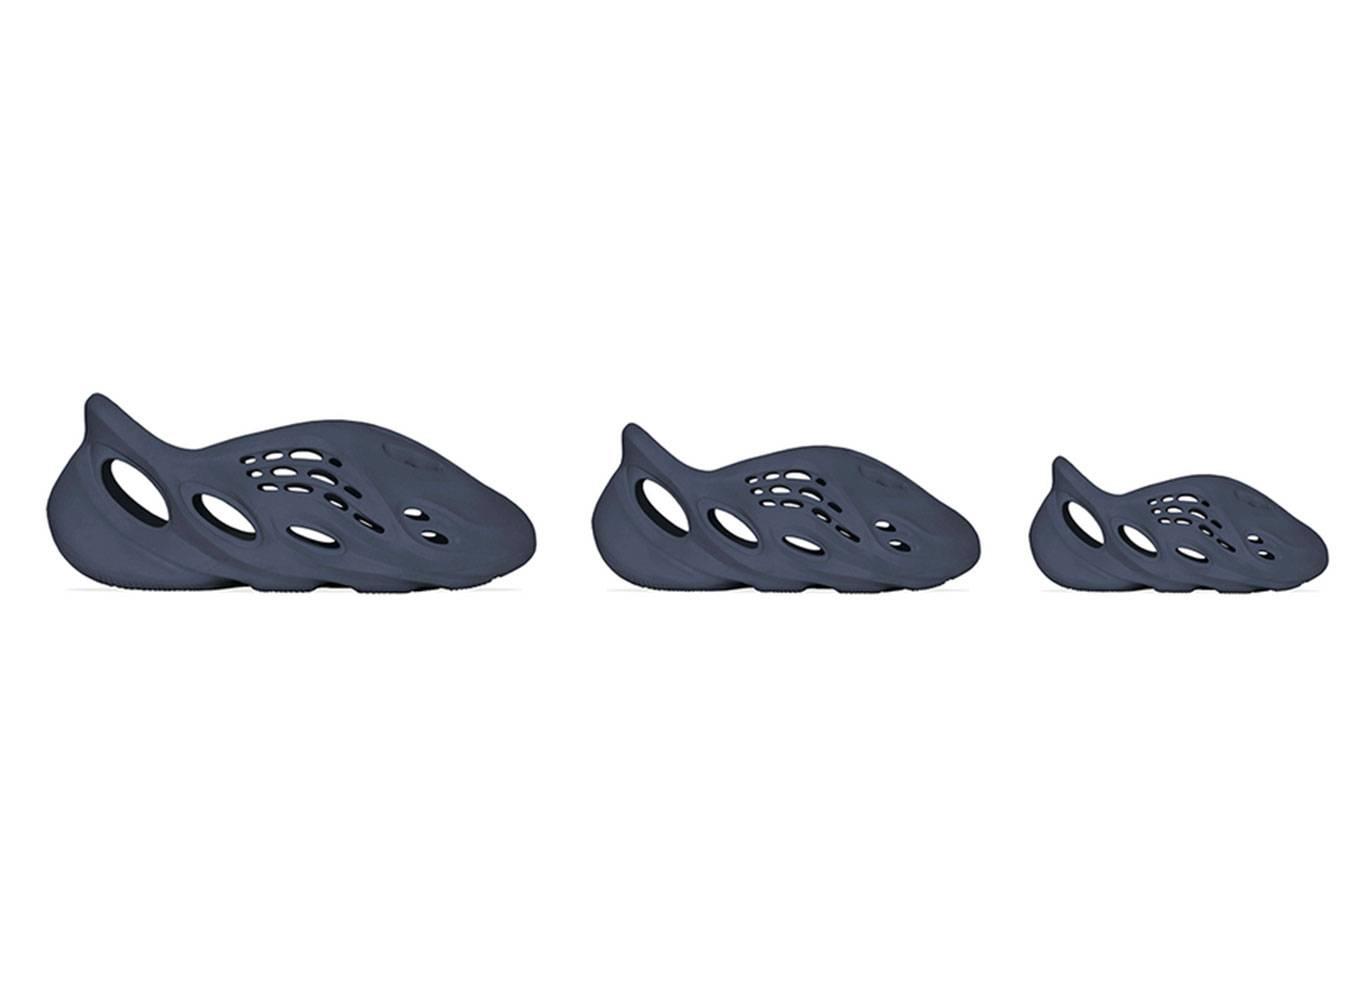 adidas YZY Foam Runner「Mineral Blue」快將上架!成人至小童尺寸全方位開催